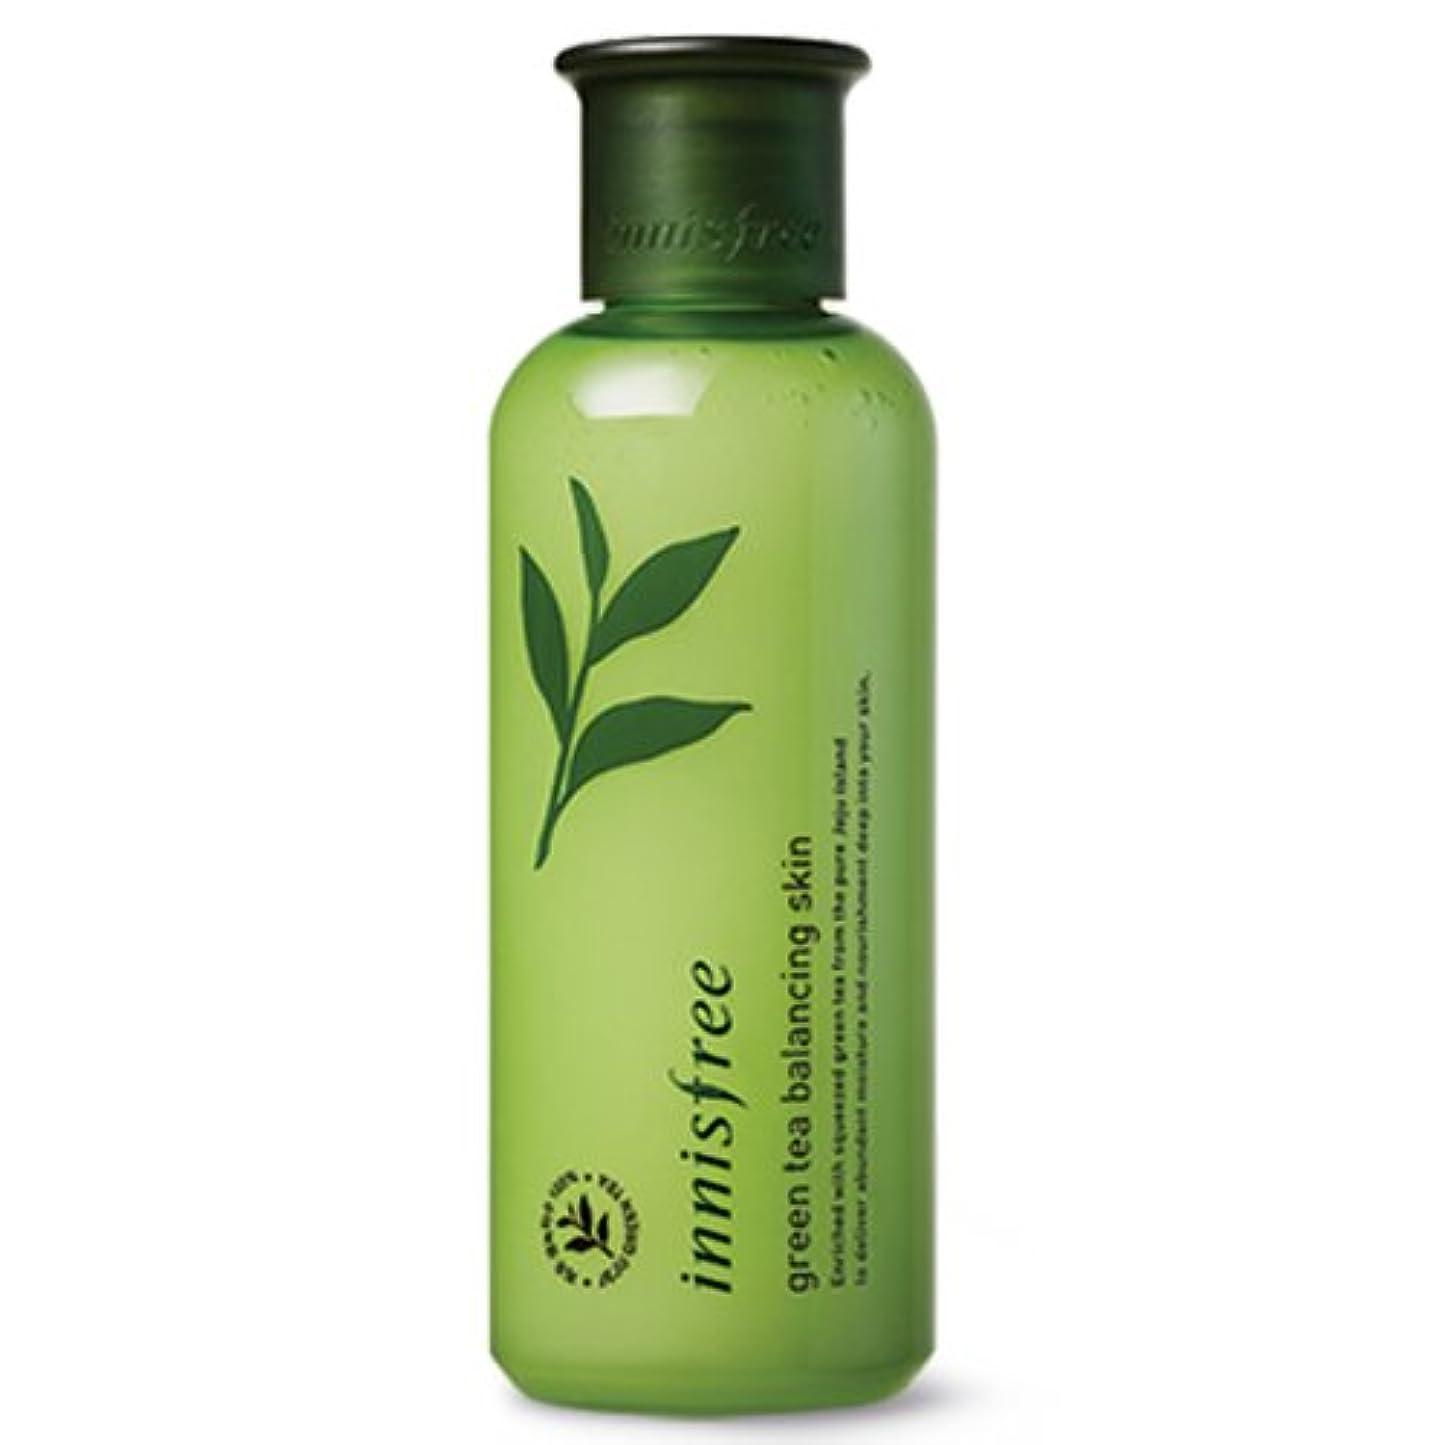 証言チャーミング食物[INNISFREE]イニスフリーグリーンティーバランシング スキン200ml green tea balancing skin 200ml